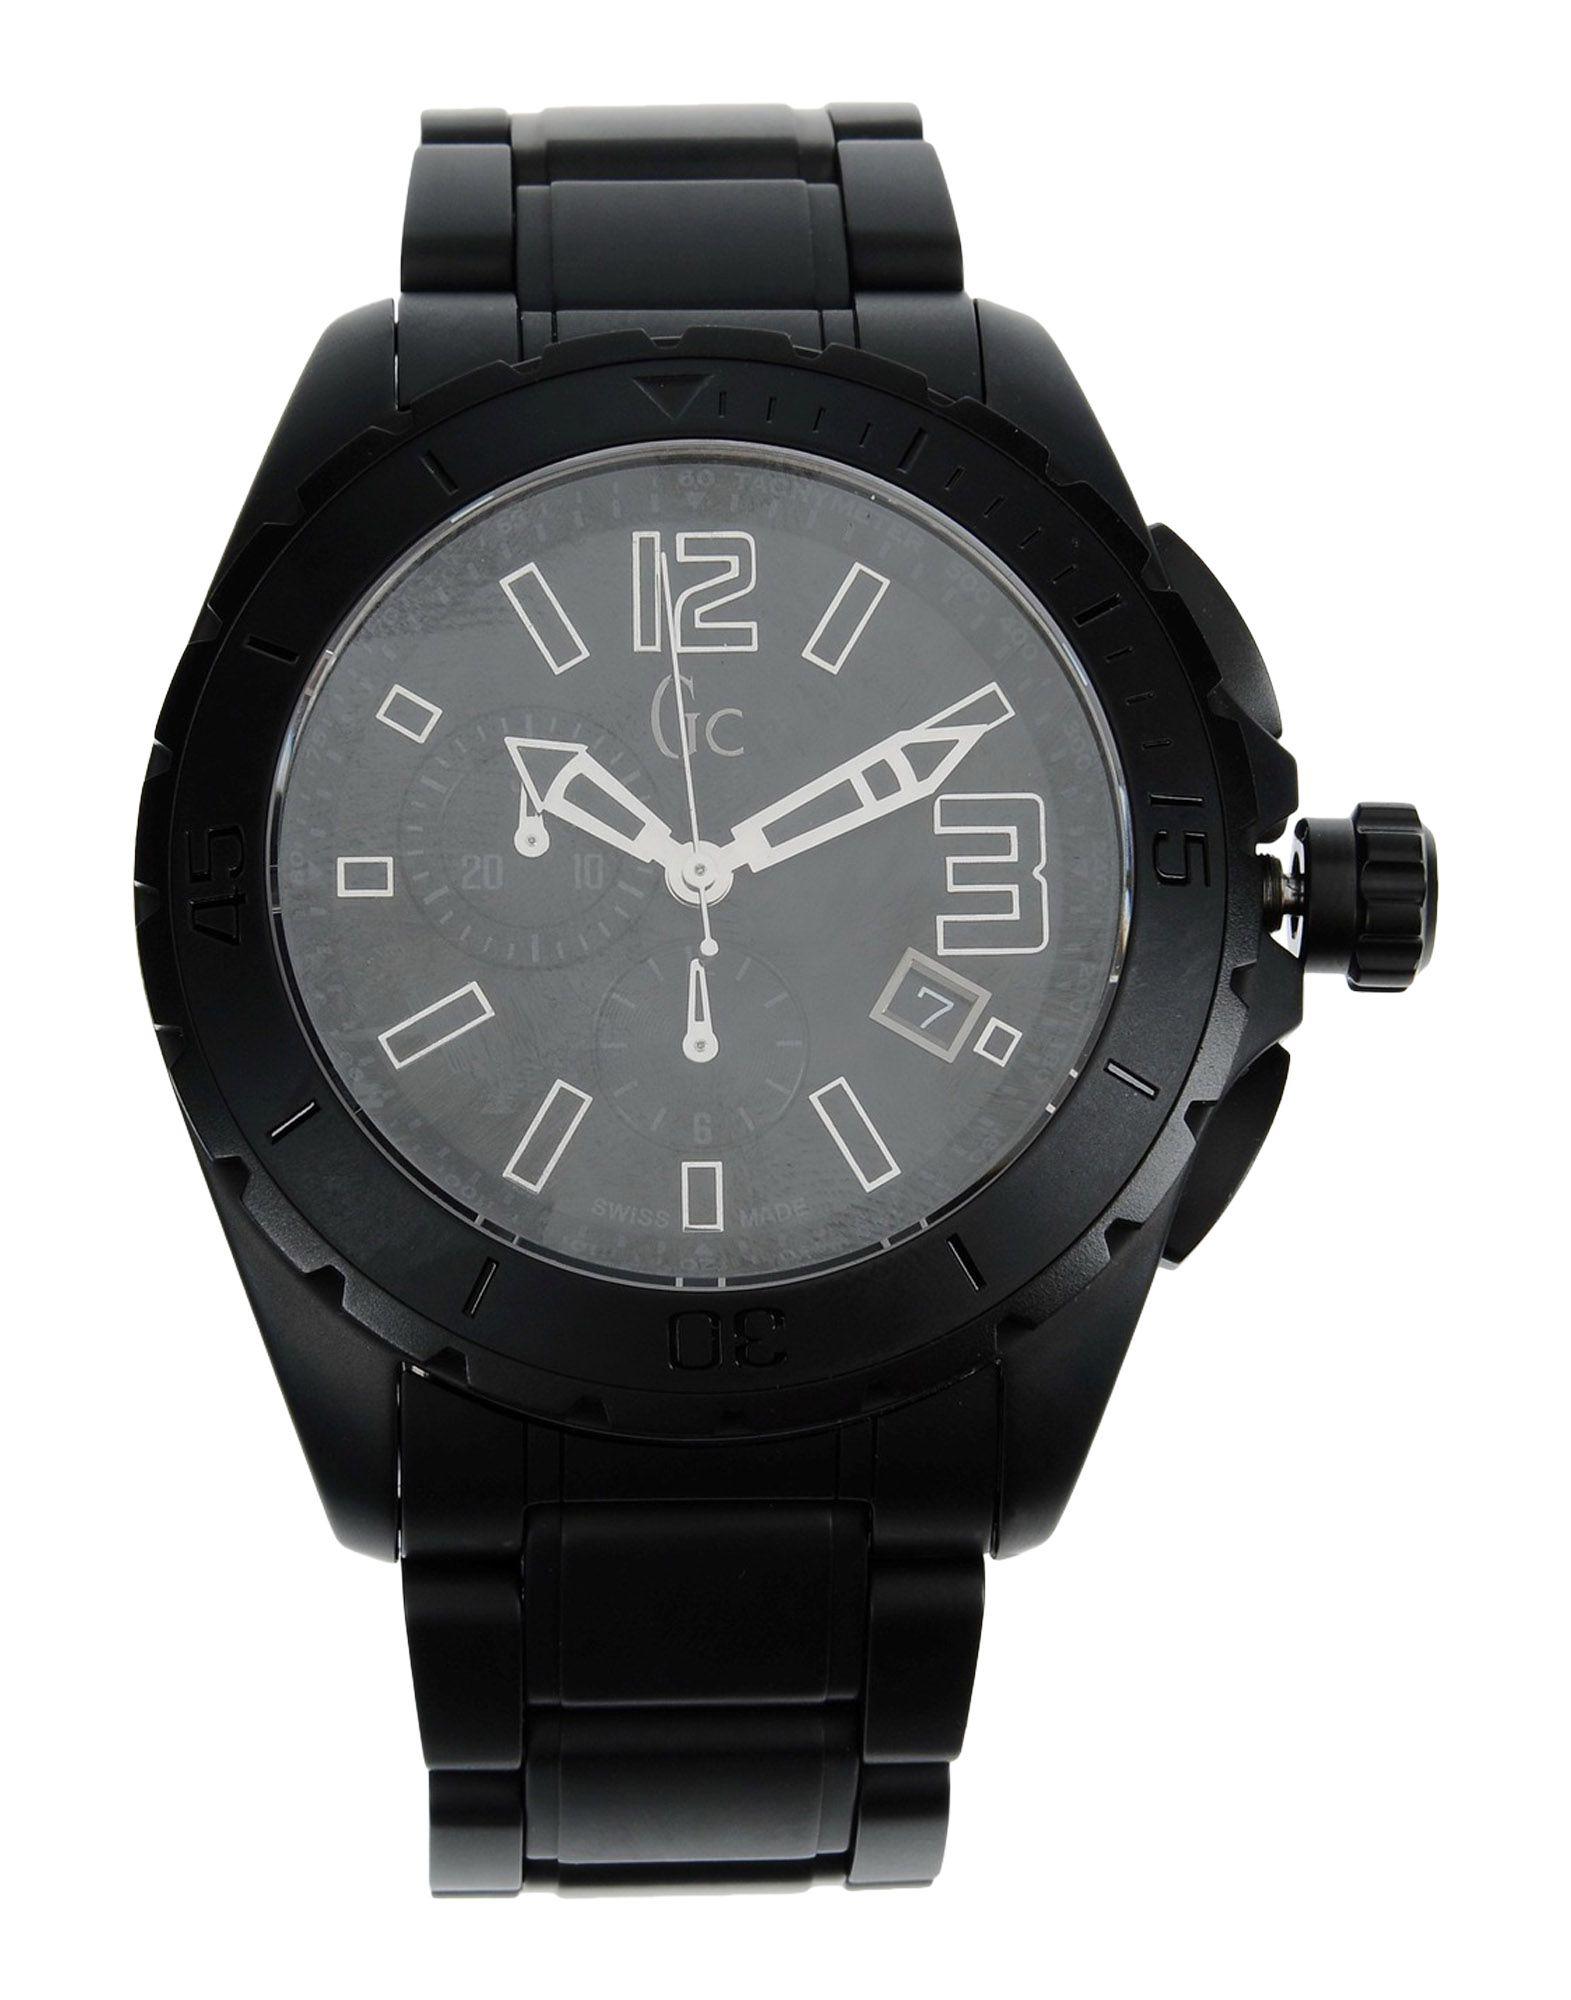 《送料無料》GC メンズ 腕時計 シルバー ステンレススチール